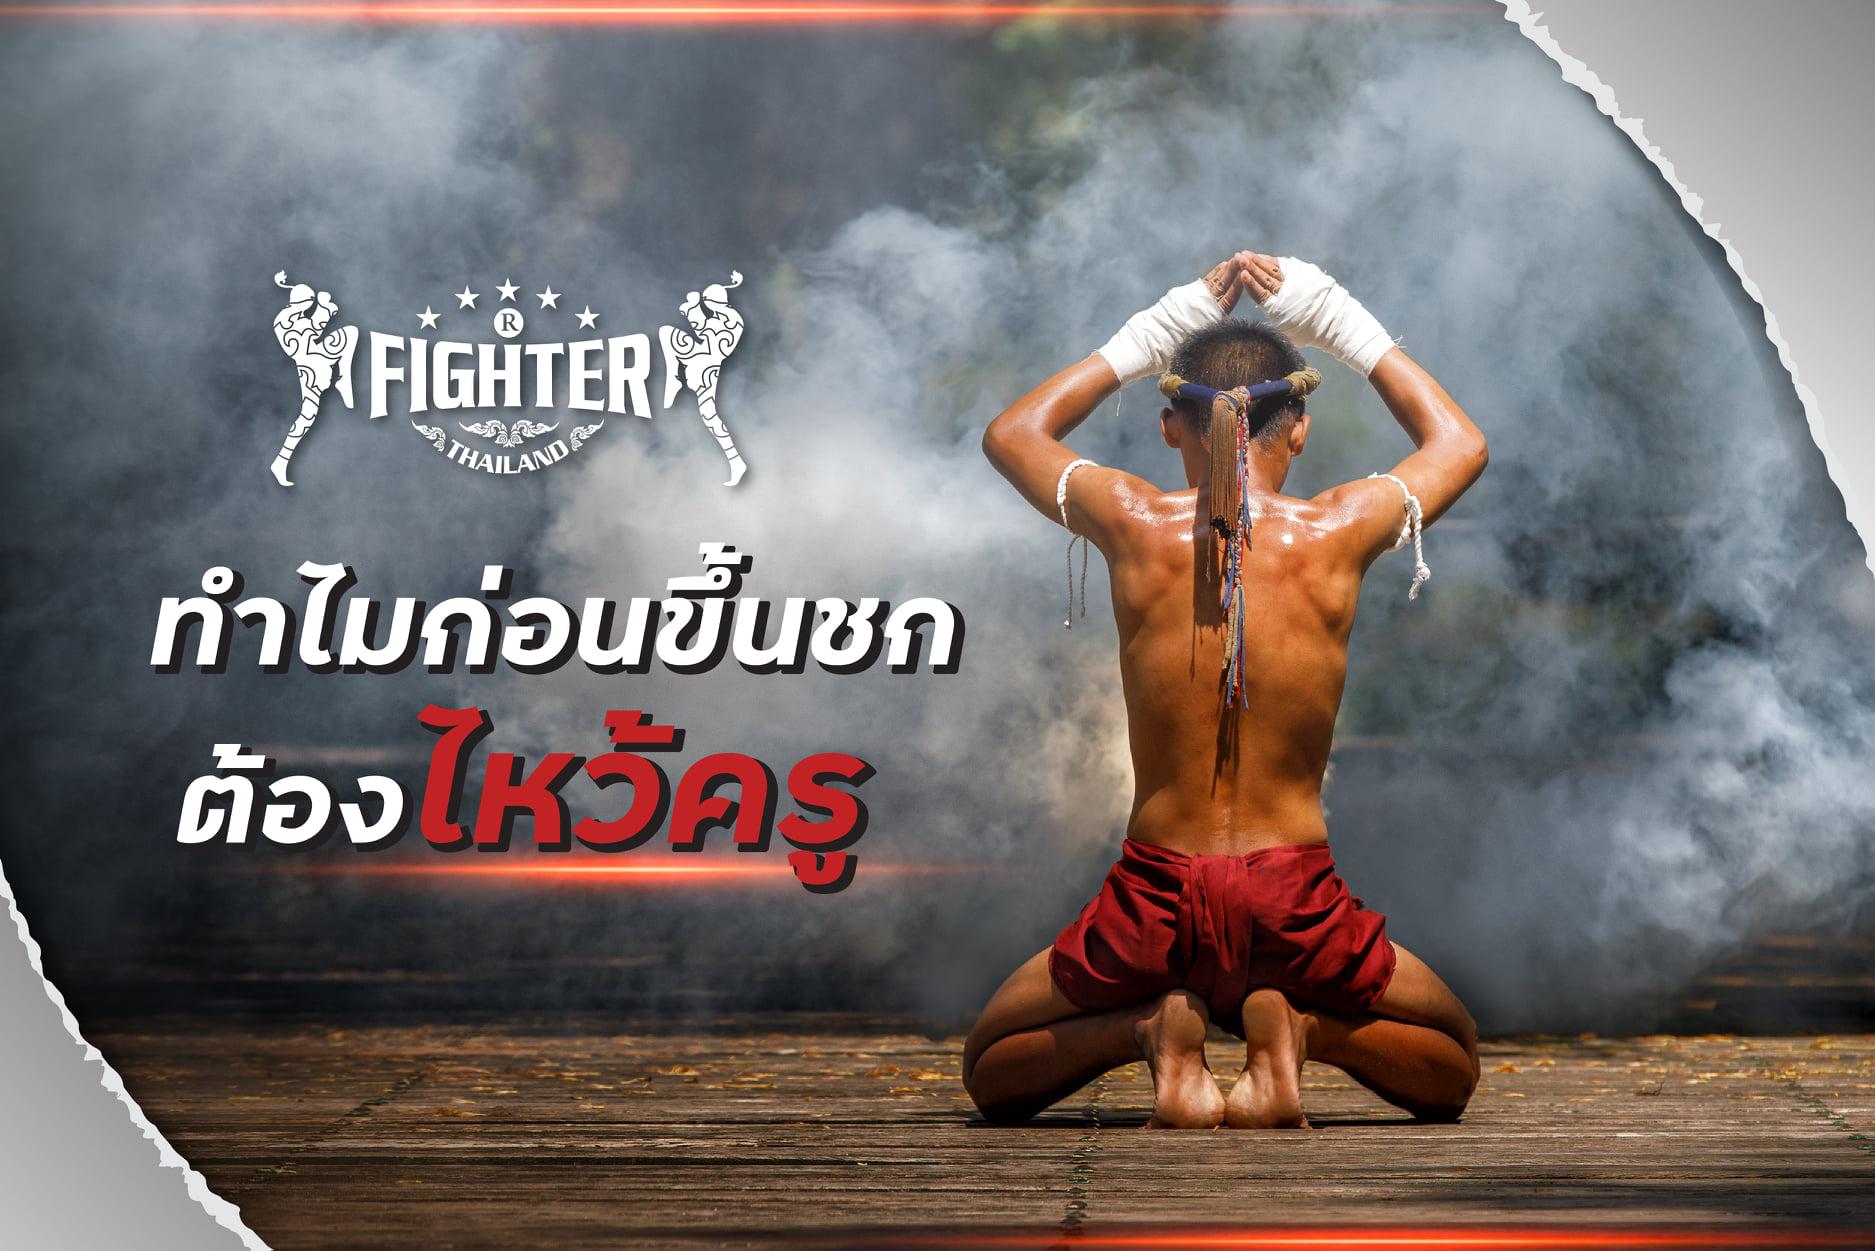 ทำไมมวยไทยถึงต้องไหว้ครูก่อนขึ้นชก